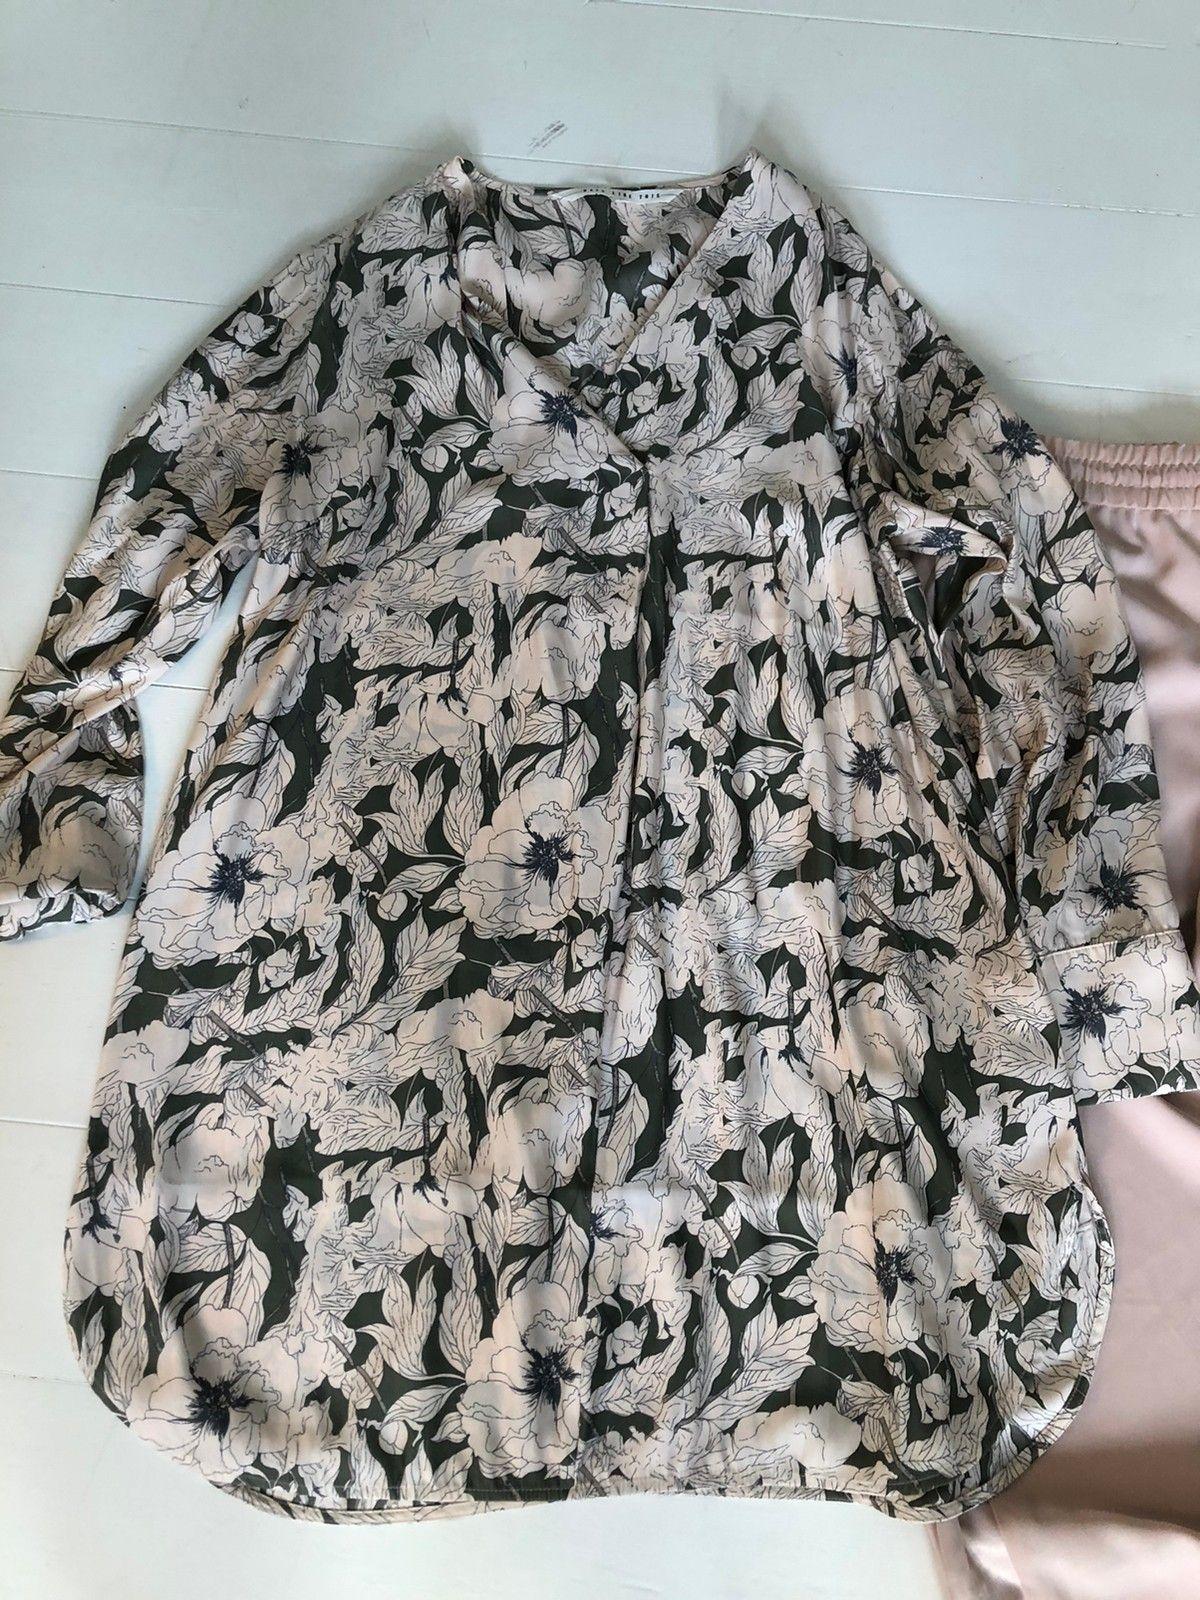 Lekkert sett av bluse og bukse med pene detaljer. | FINN.no